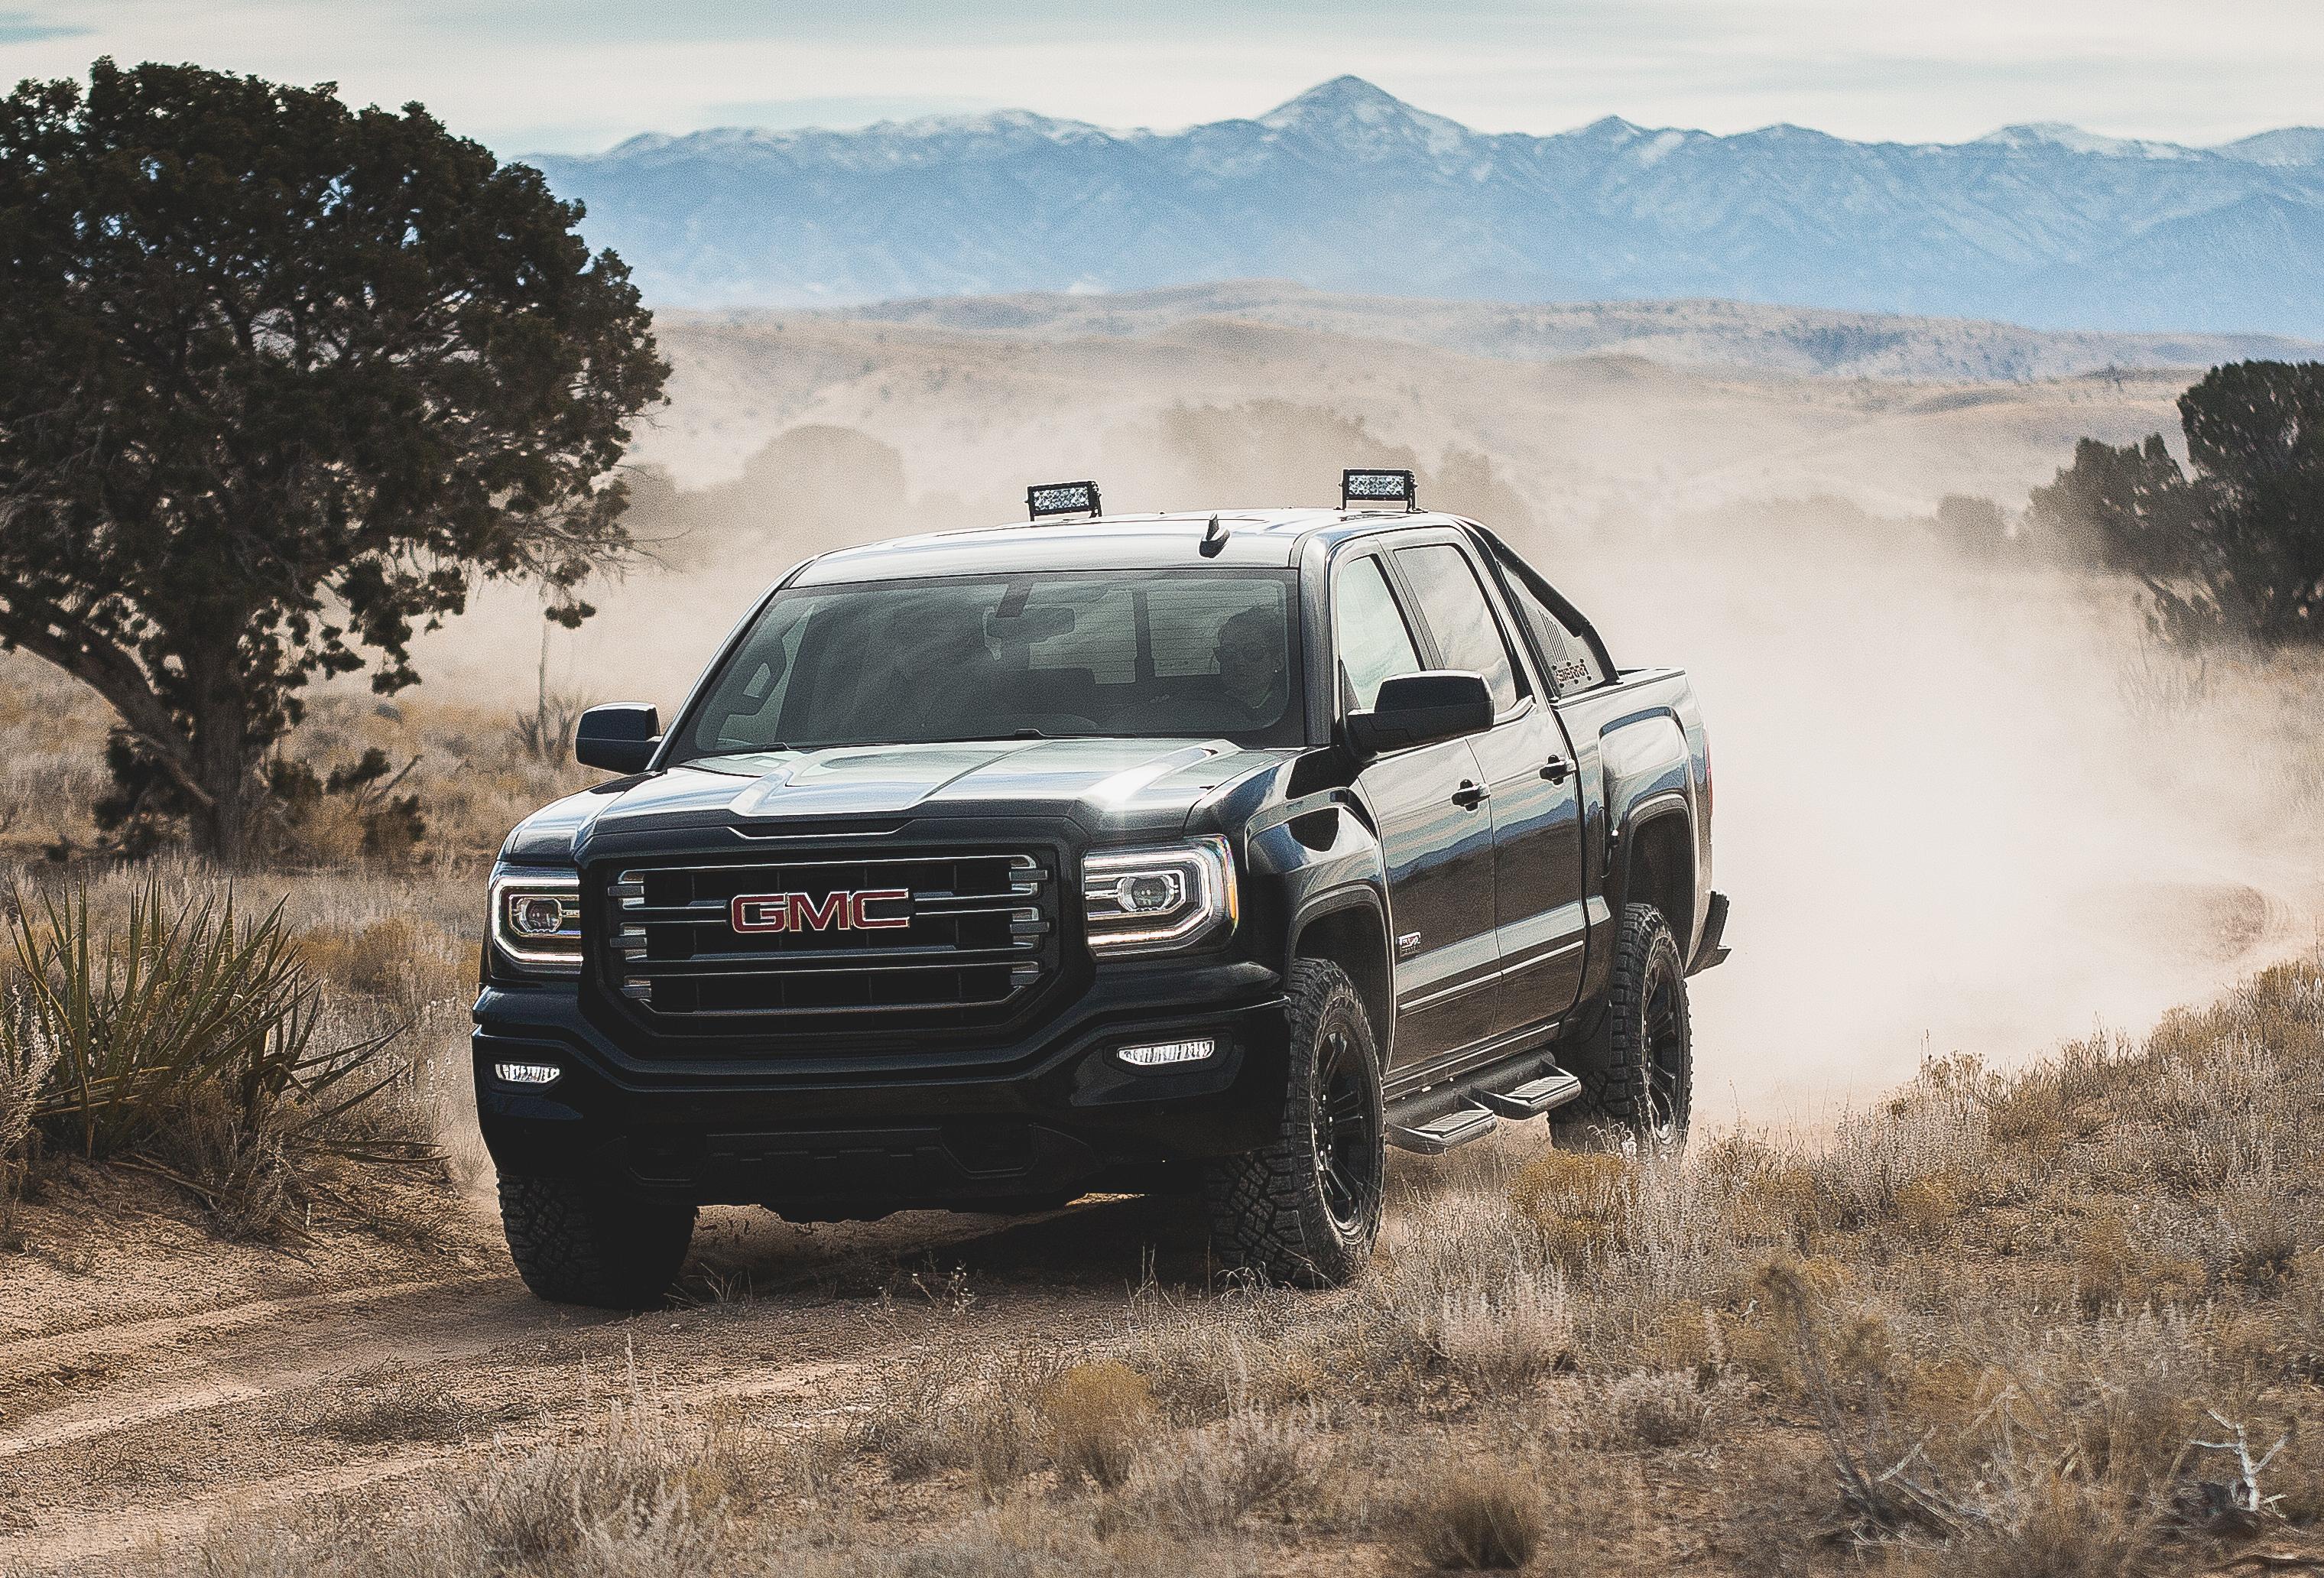 Meet the New GMC Sierra All Terrain X - GM Inside News